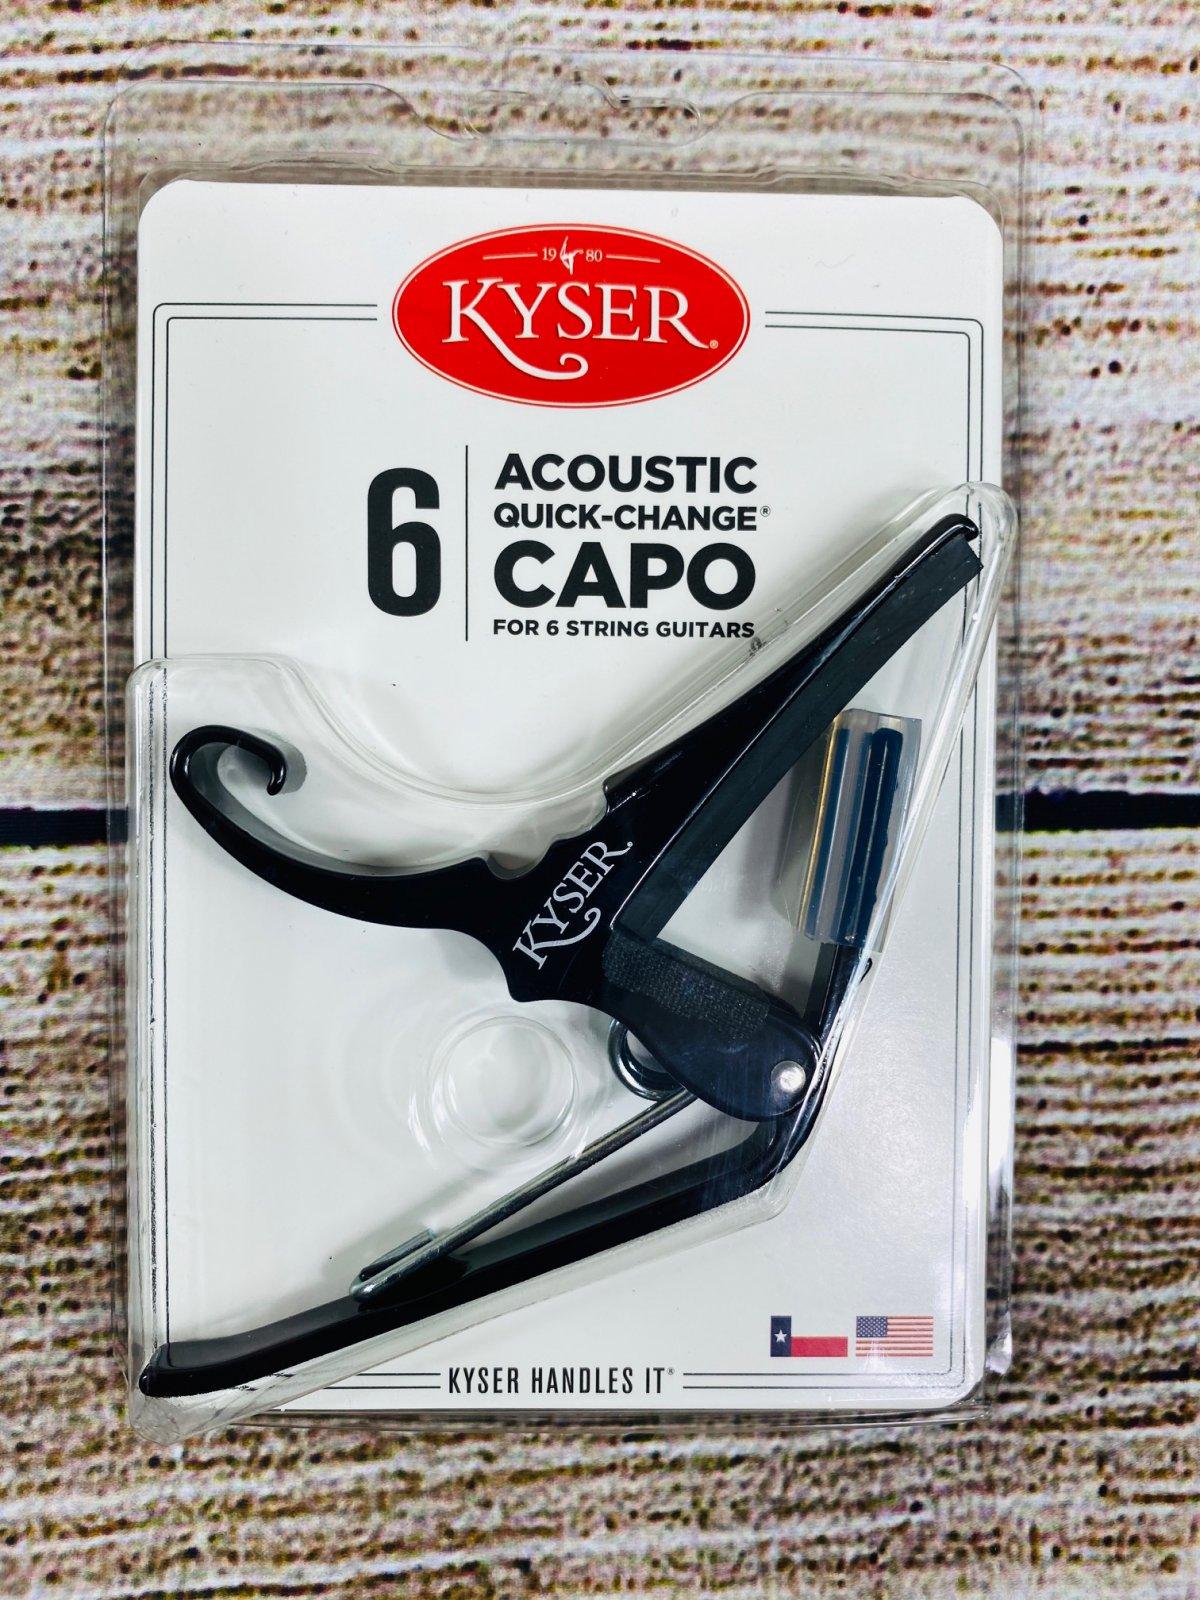 Kyser Quick-Change Capo - Black